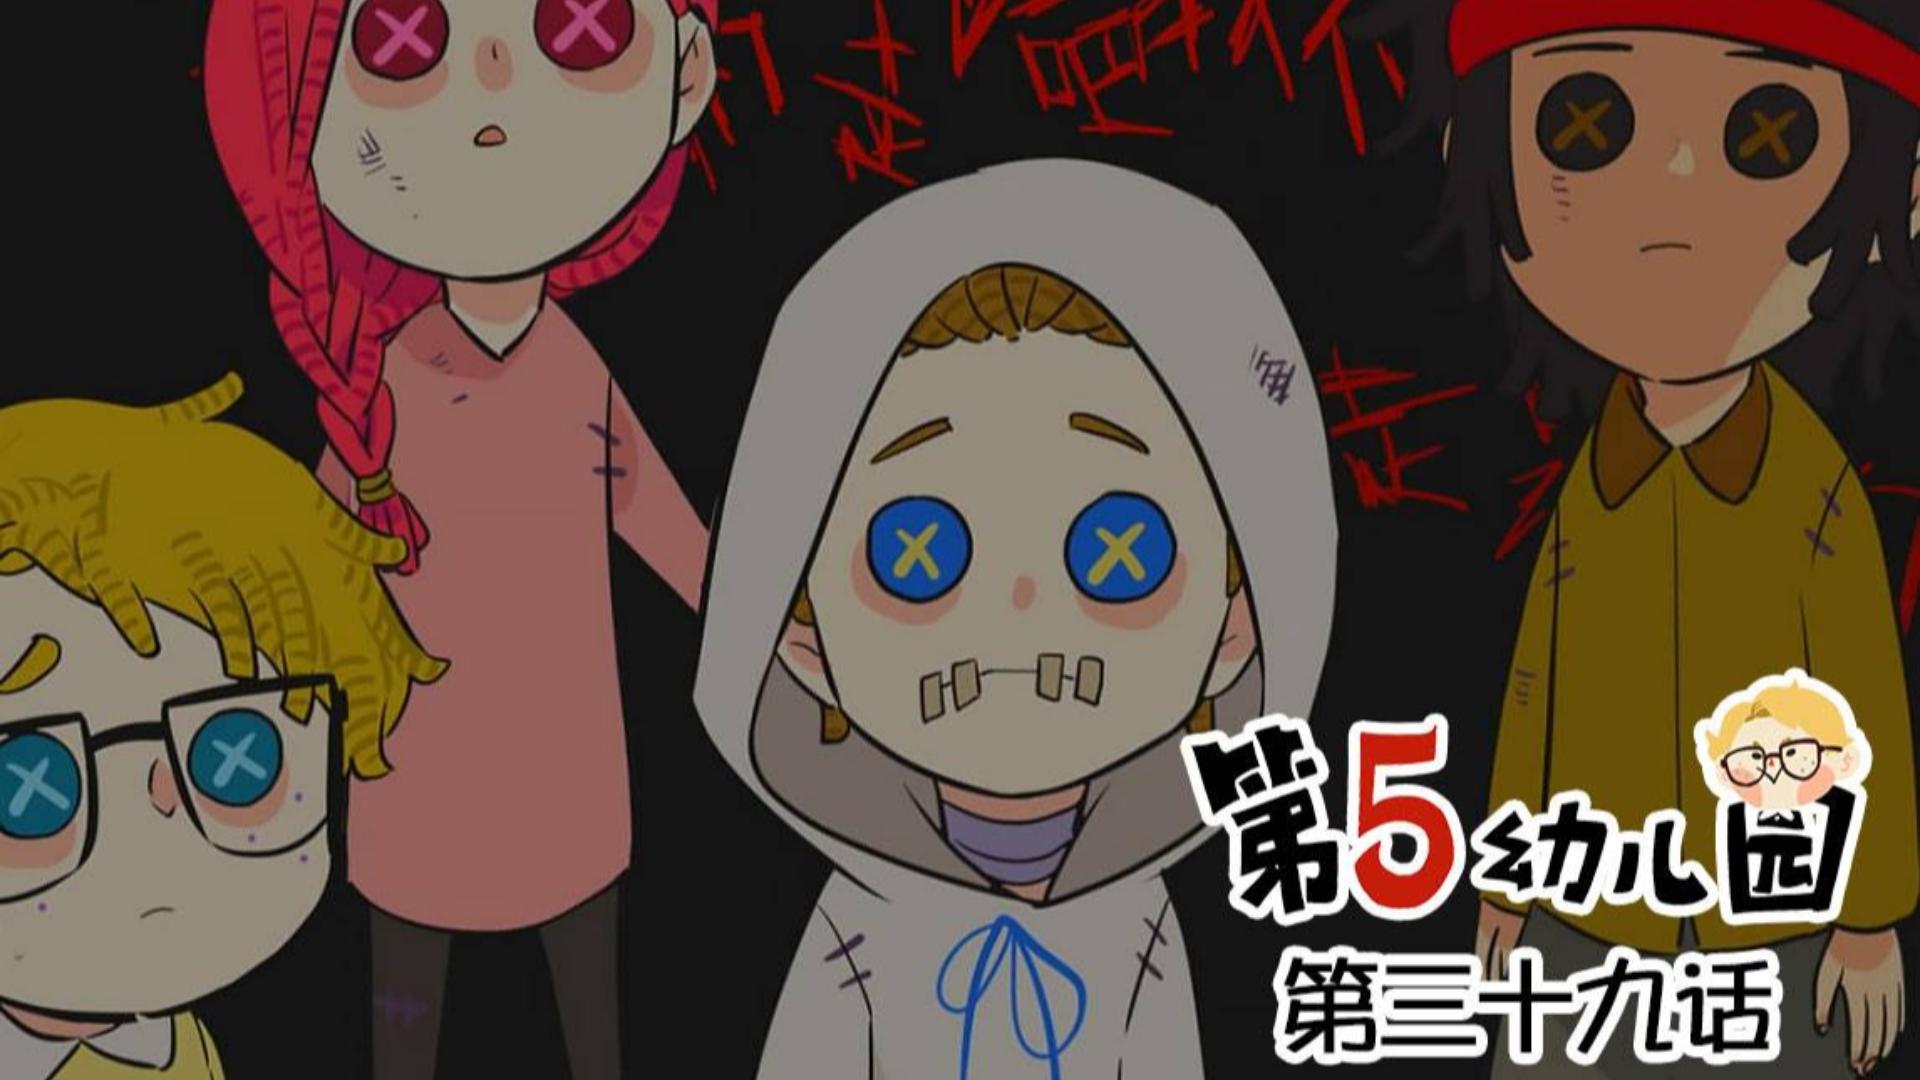 【第五人格动态漫画】第五幼儿园 第三十九话